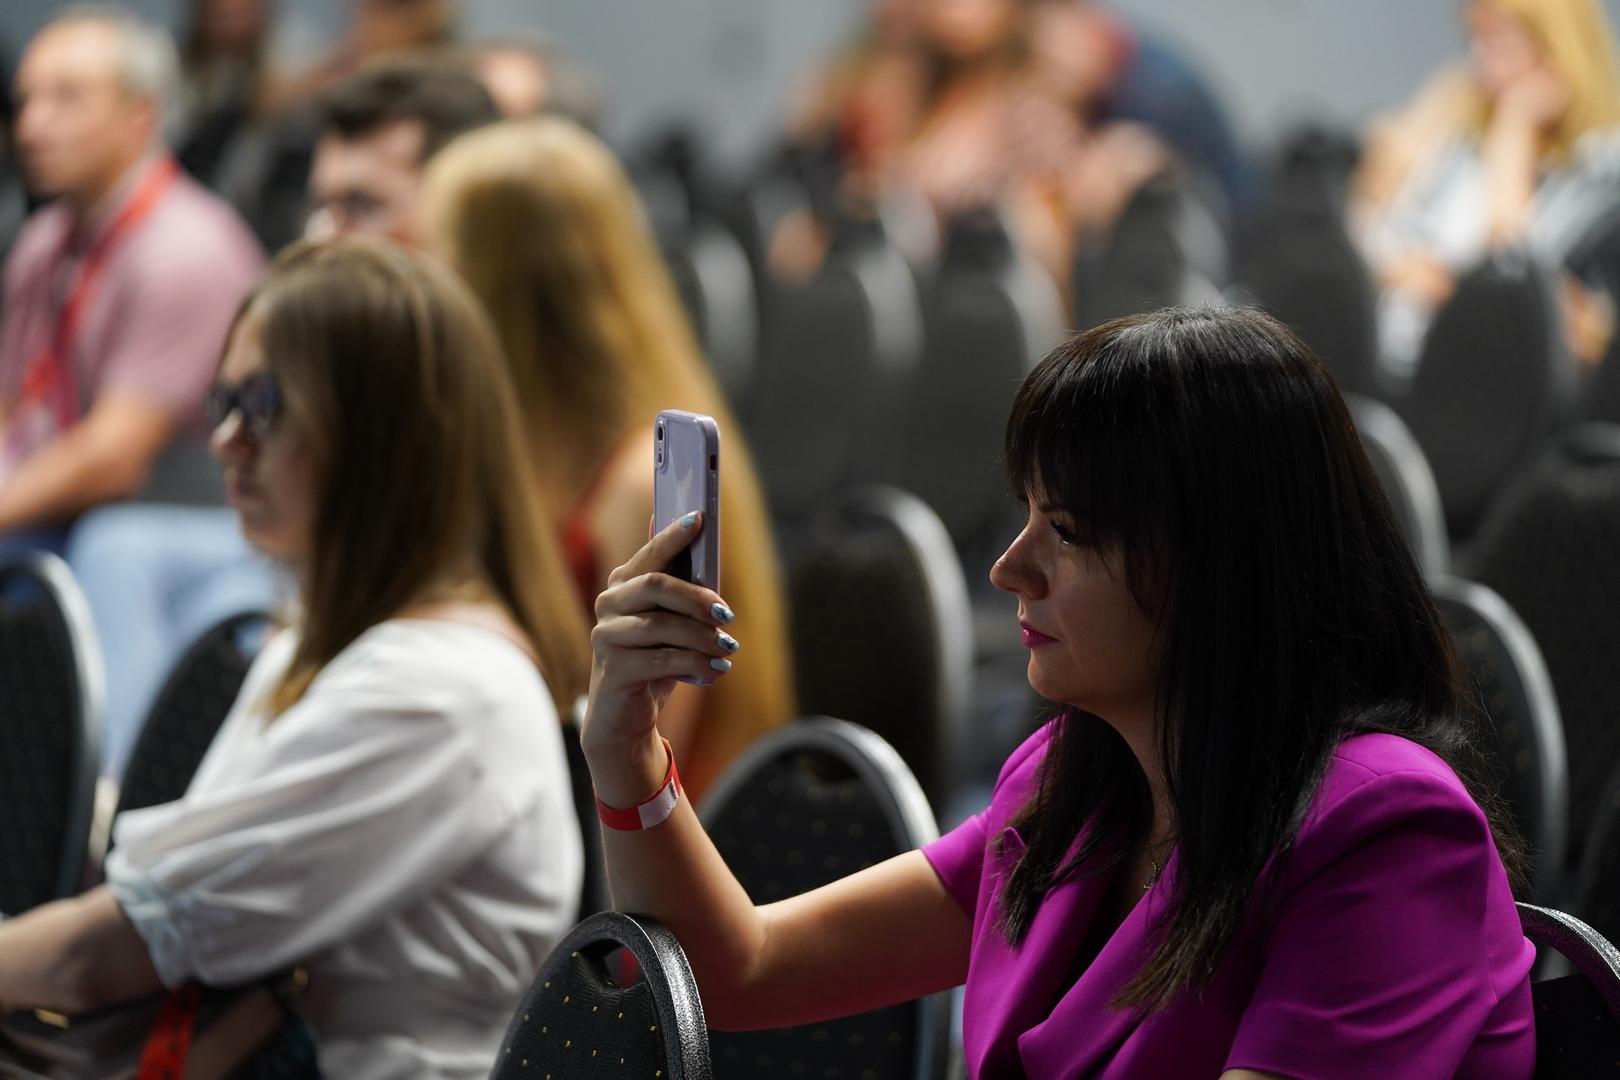 Центр Біржових Технологій виступив на Get Business Festival - 3 фото